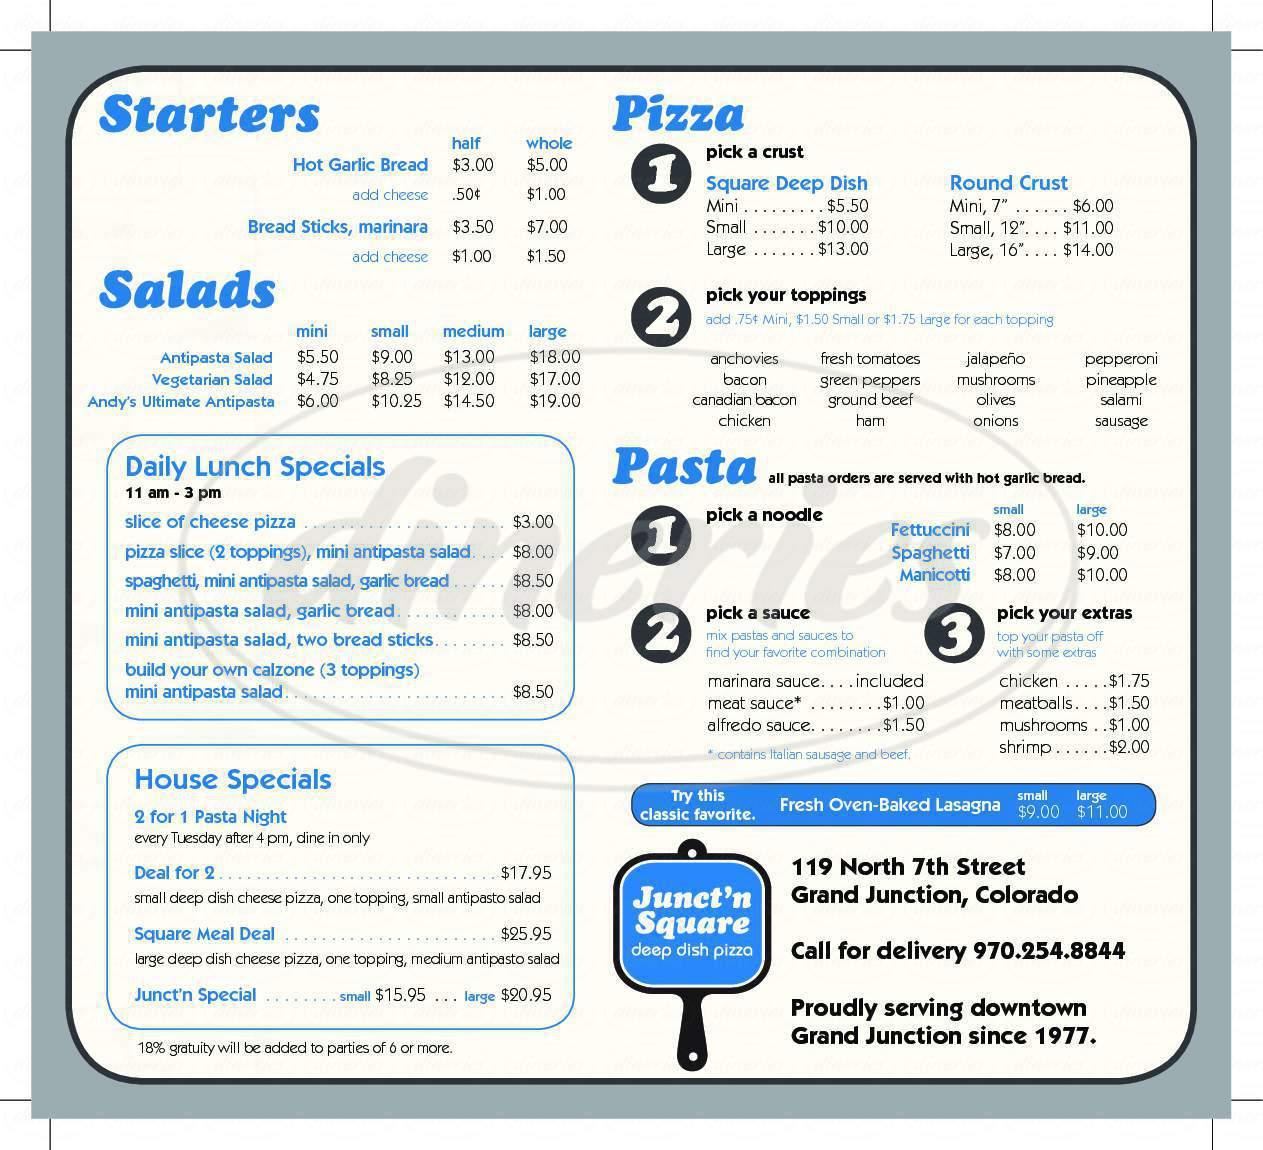 menu for Junct'n SquarePizza